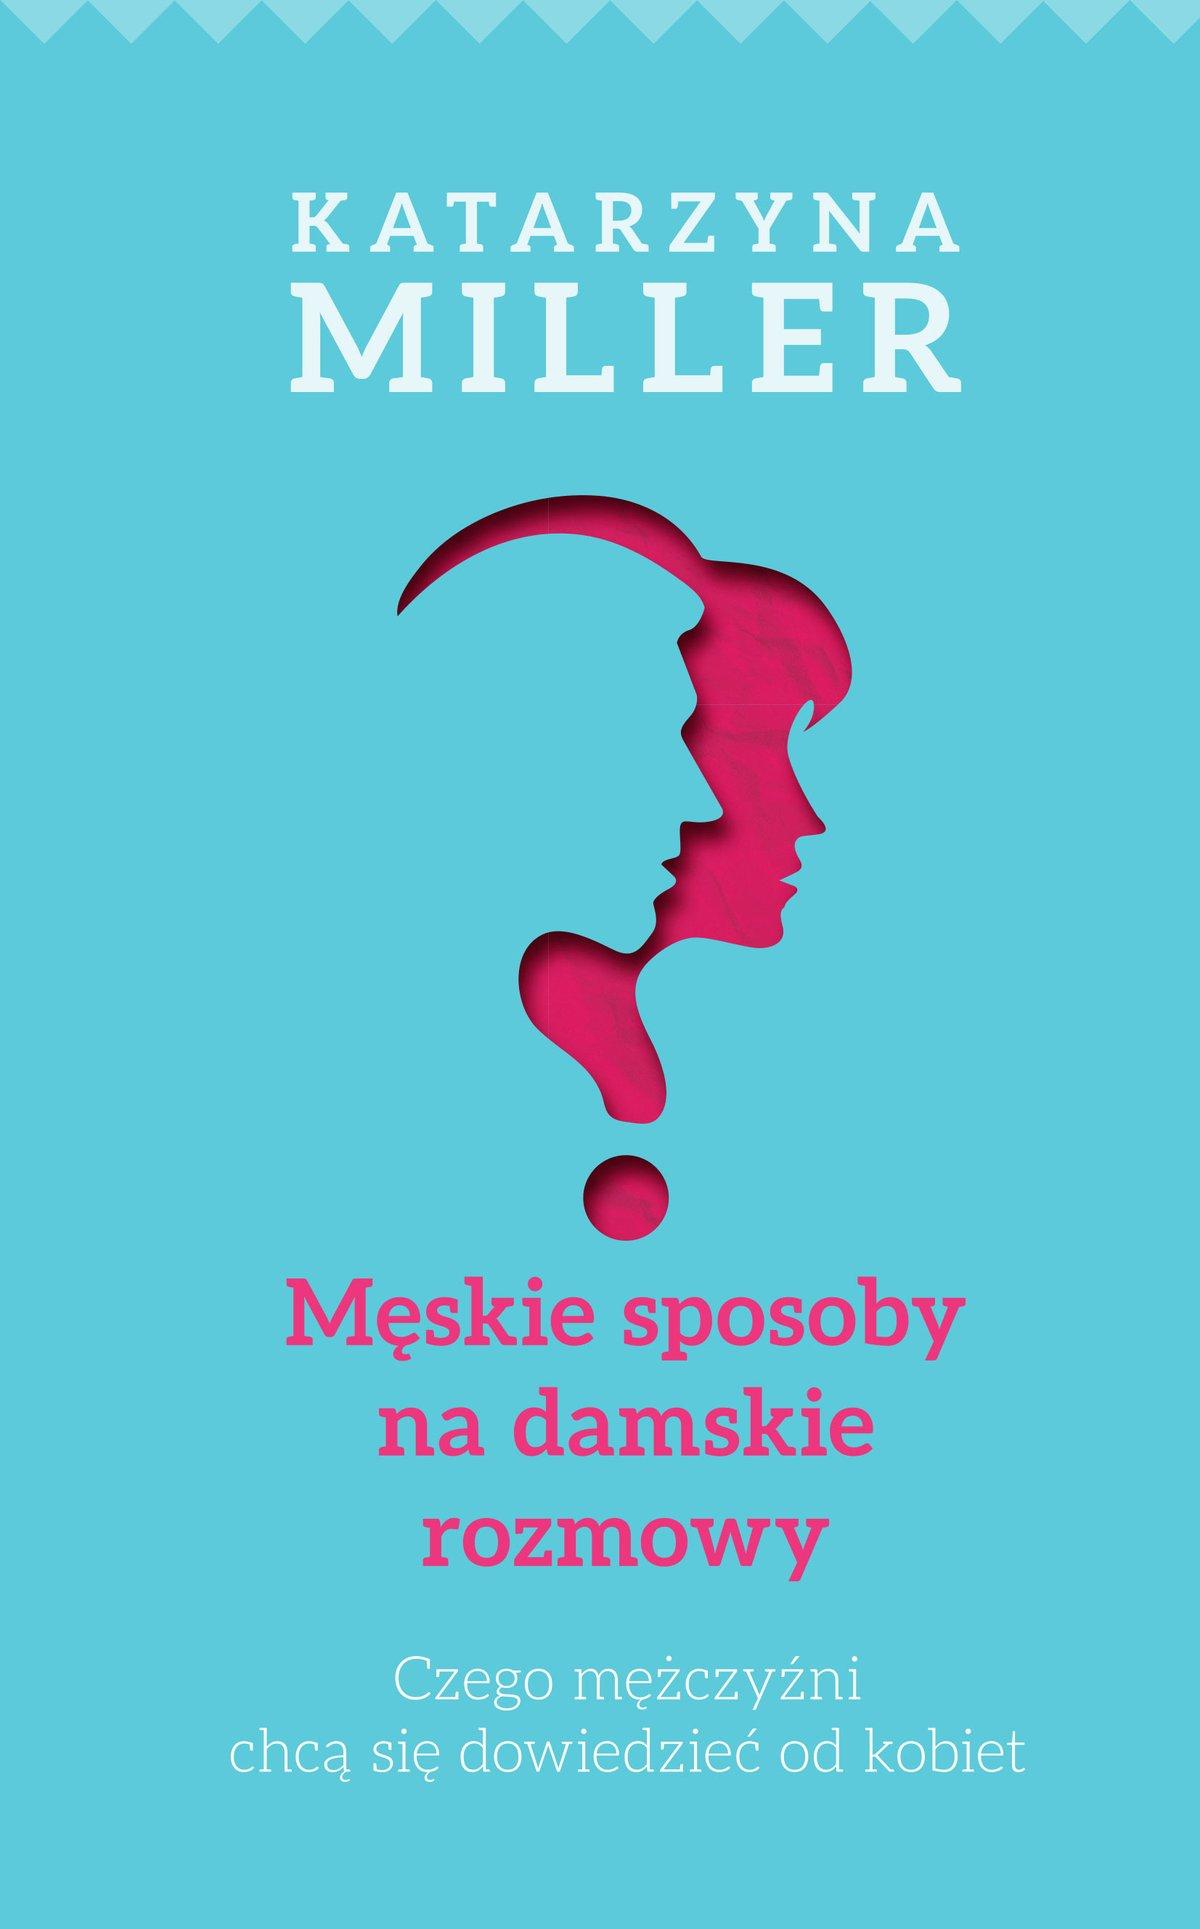 Męskie sposoby na damskie rozmowy - Ebook (Książka na Kindle) do pobrania w formacie MOBI